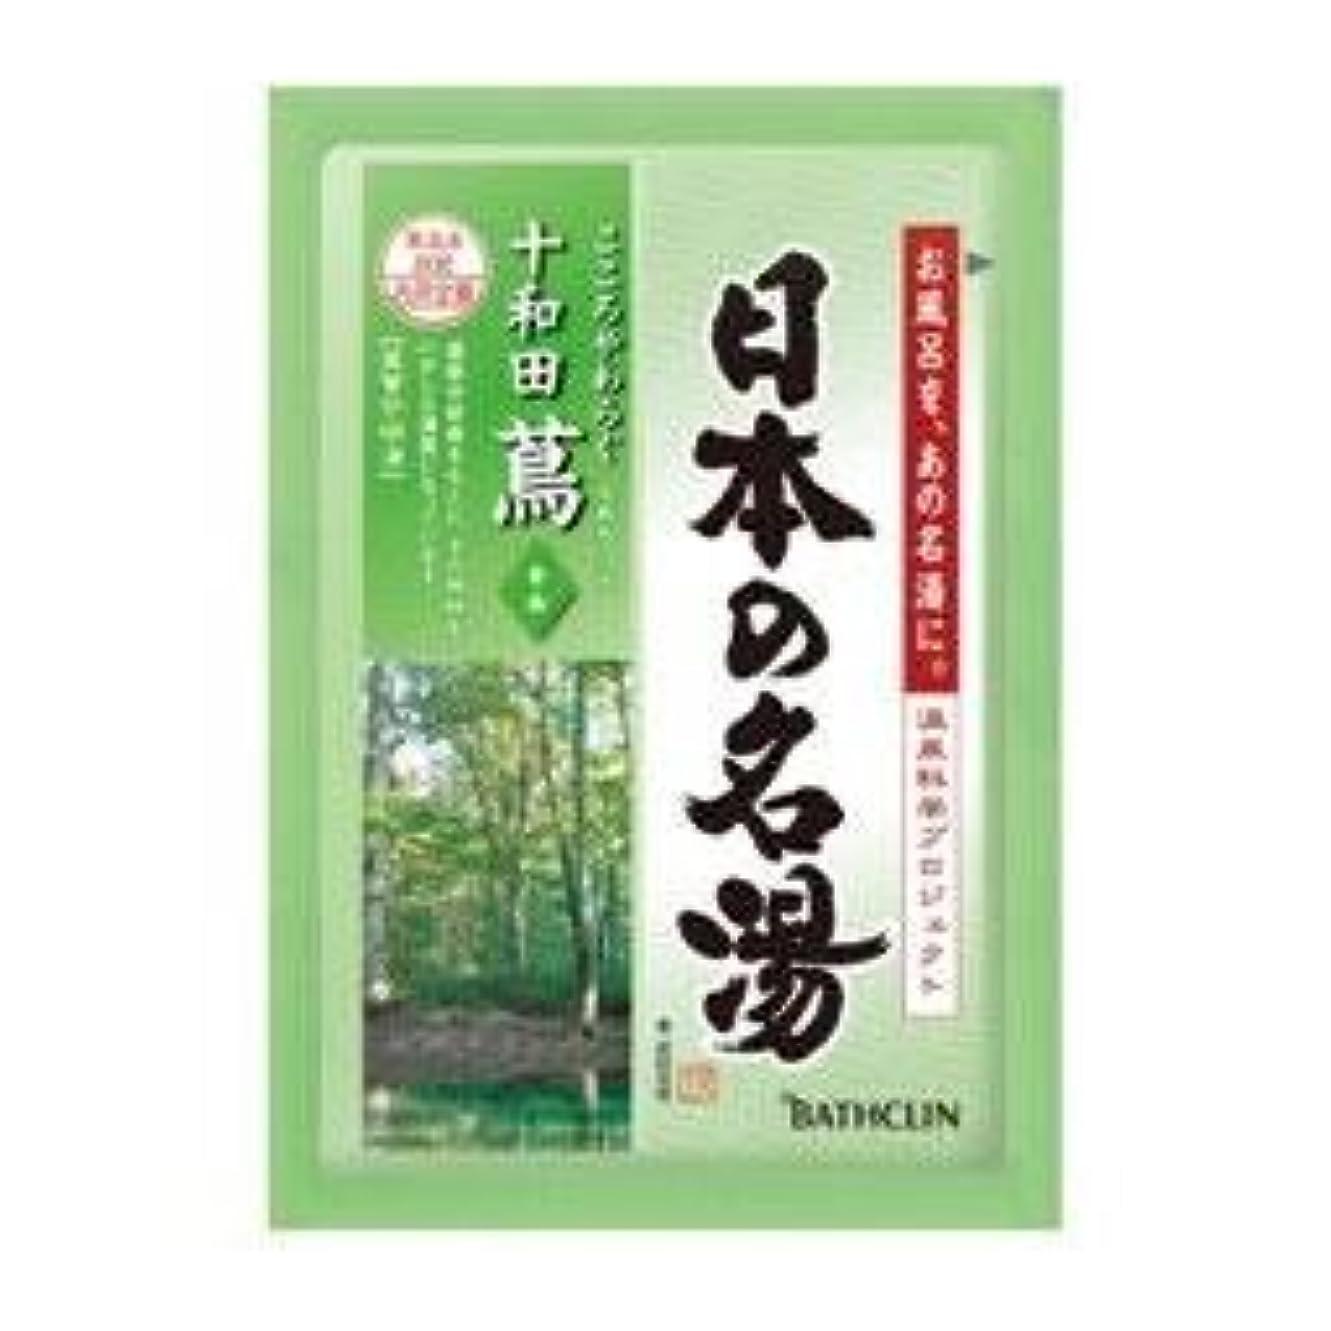 ブーム収入第三バスクリン 日本の名湯 十和田蔦 1包 医薬部外品×120点セット (4548514135000)